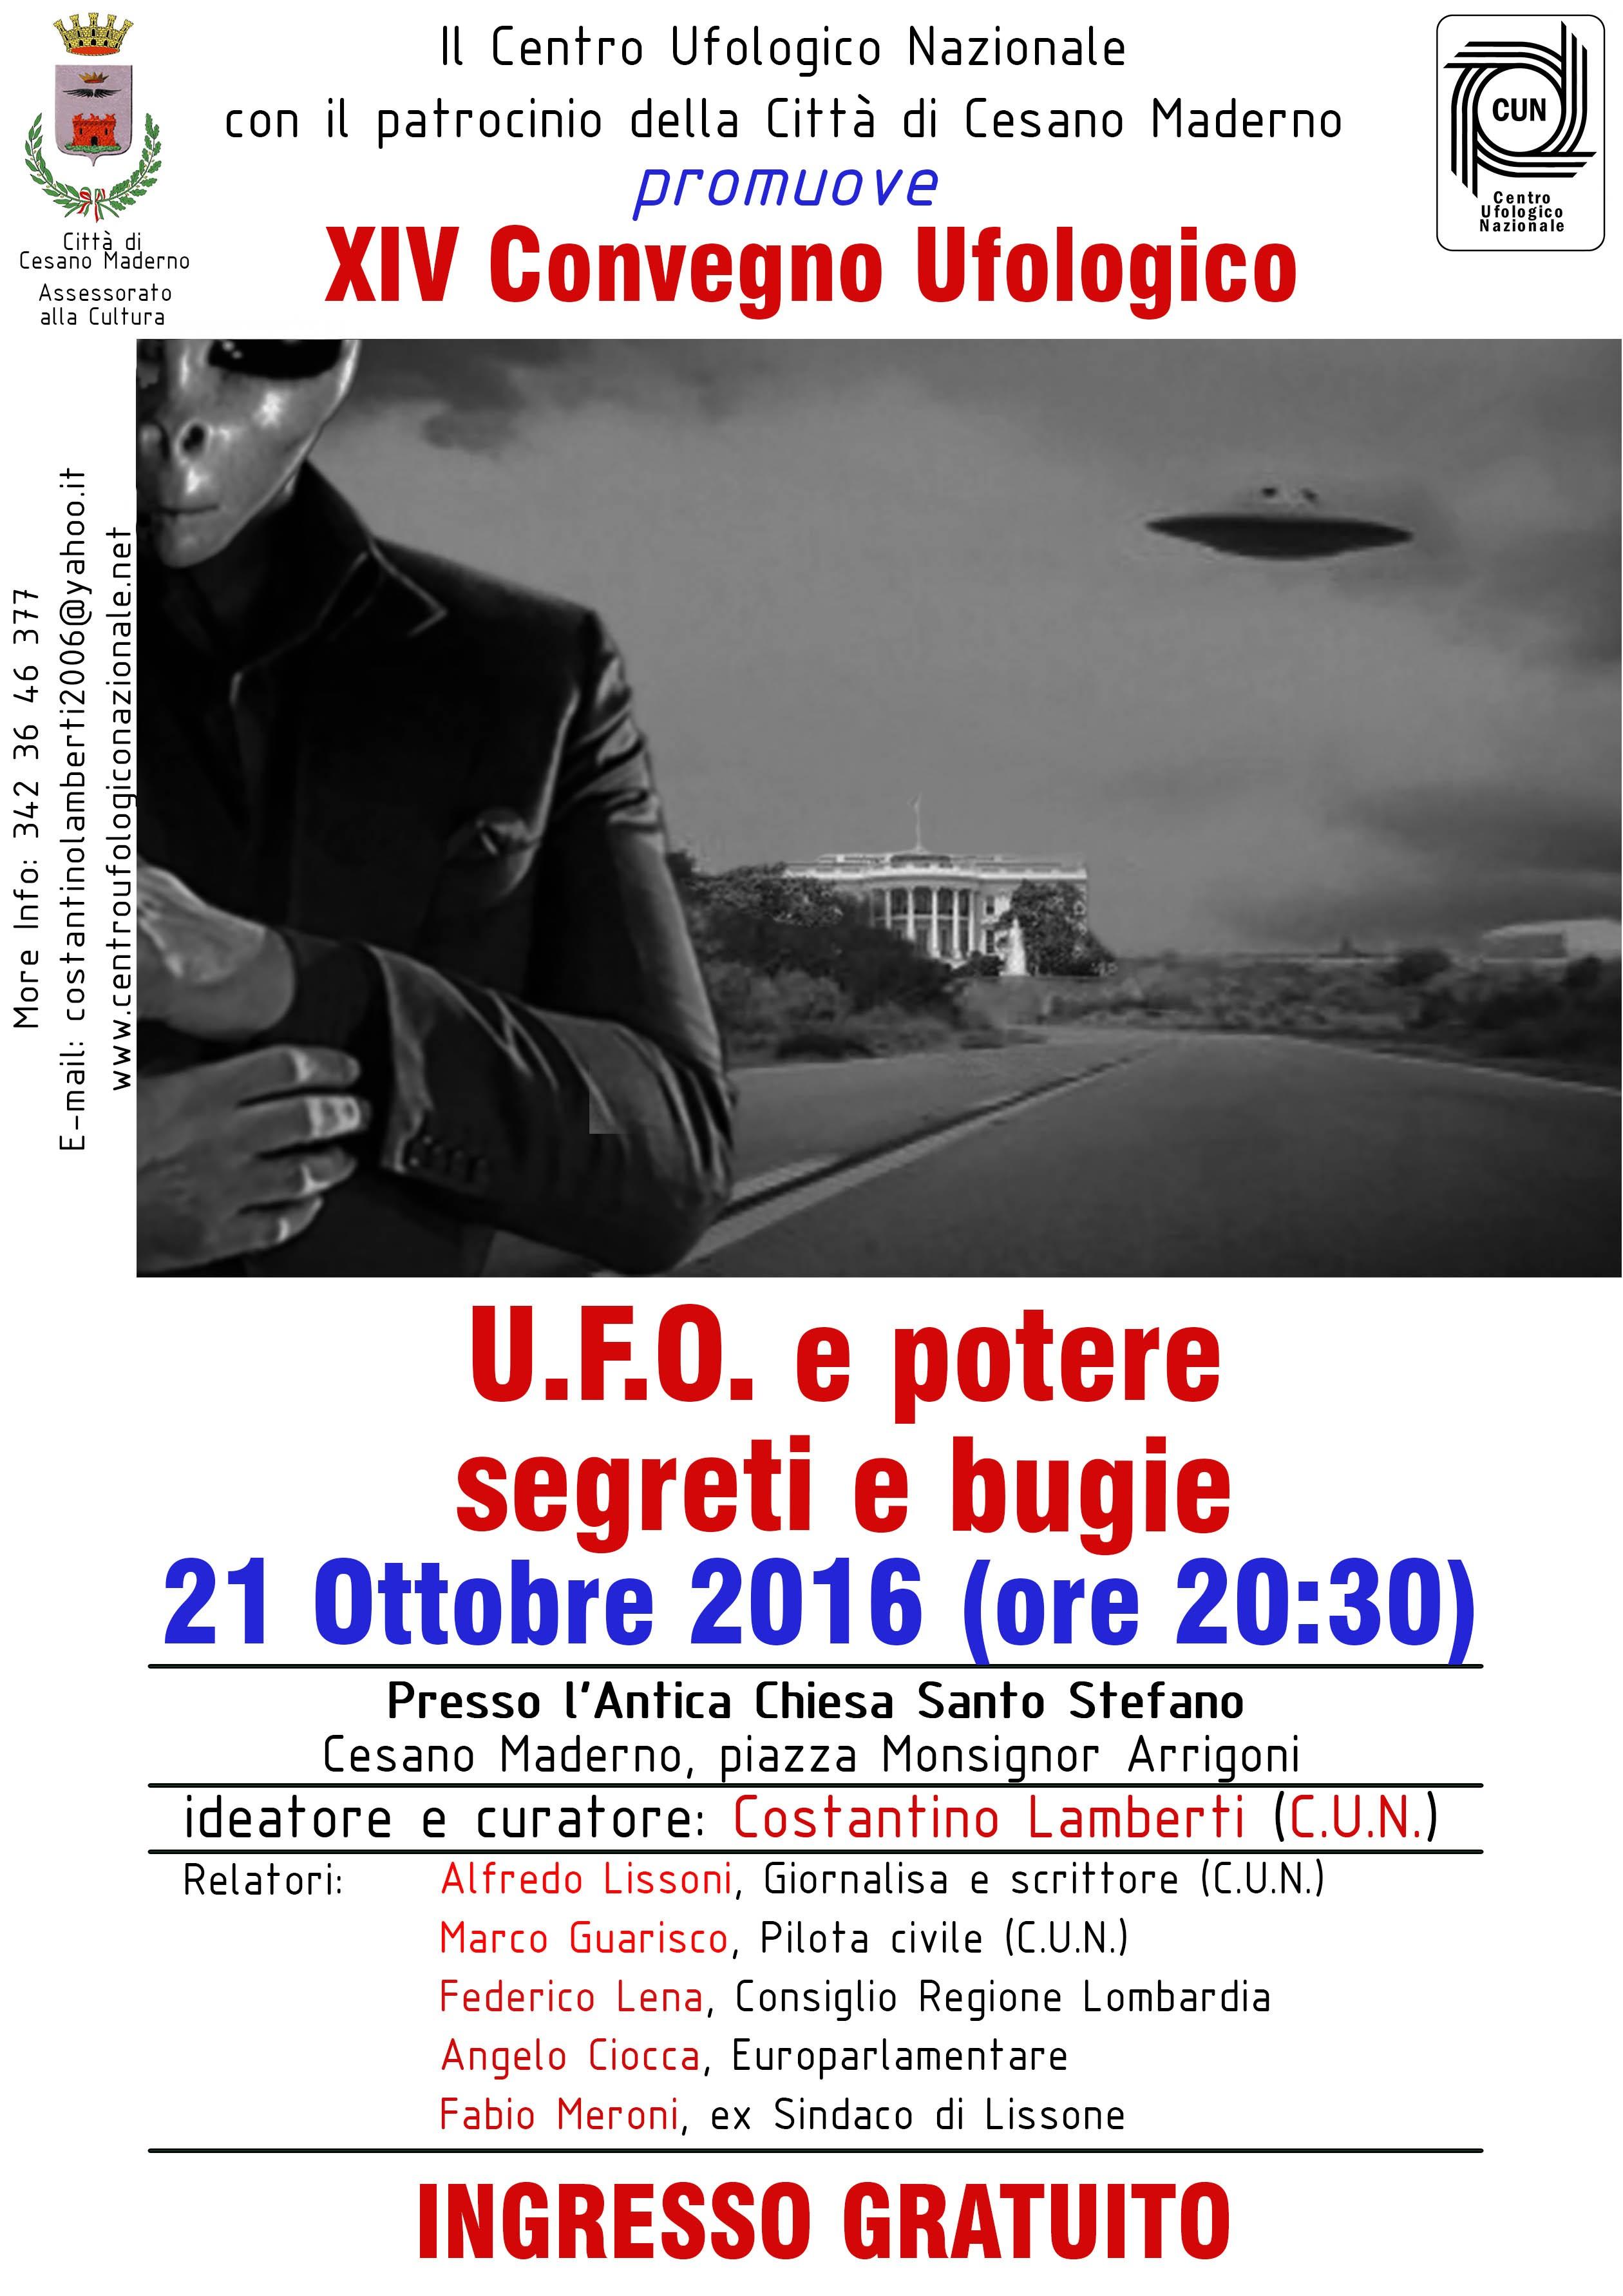 il 23 a Schio il 24 a Catania e per concludere il mese il 29 a Lecce 22 10 2016